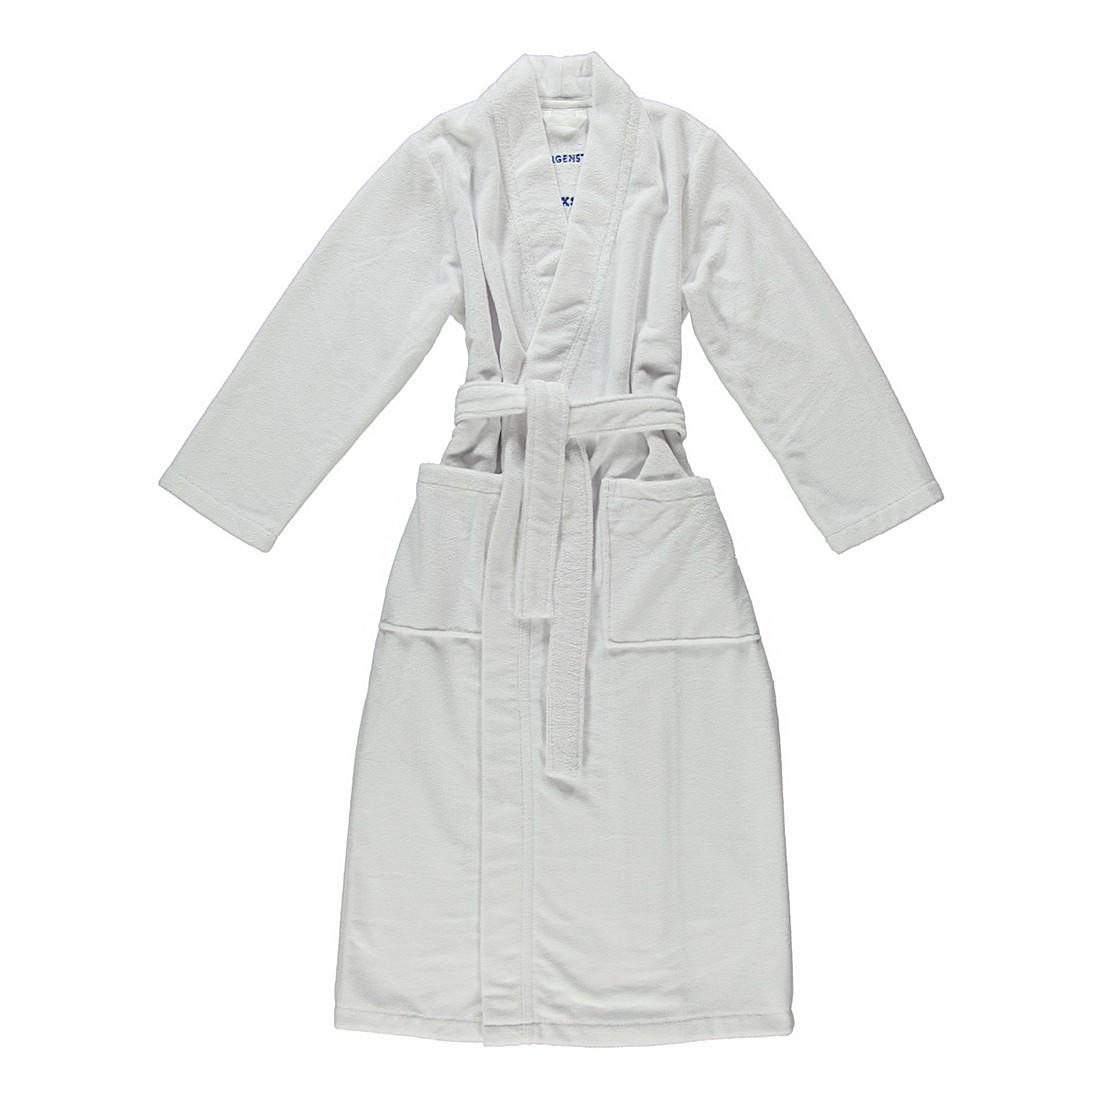 Bademantel Eva – Damen – Multifaser – 40% Polyester – 30% Baumwolle – 30% Viskose Weiß – Größe: M, Morgenstern online bestellen